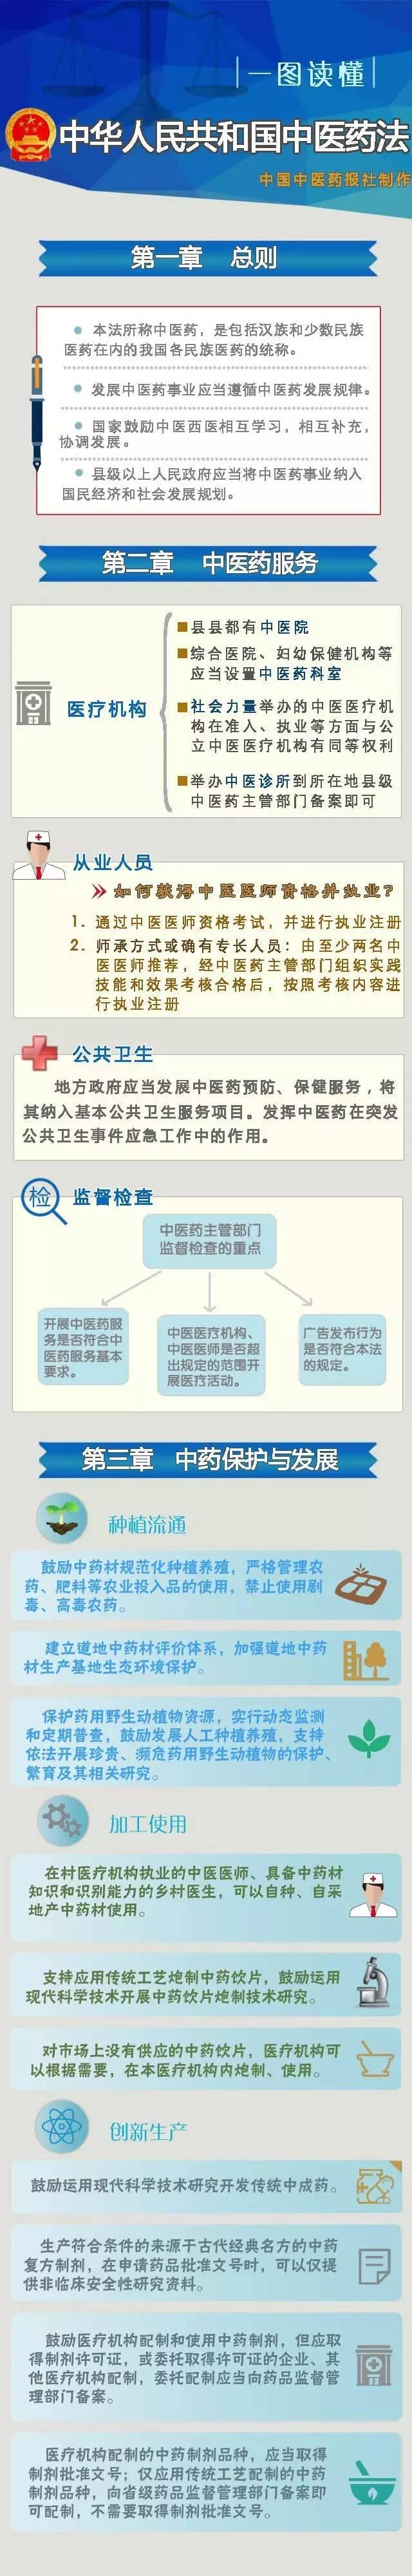 政策解析 图解读懂《中医药法》 简单明了